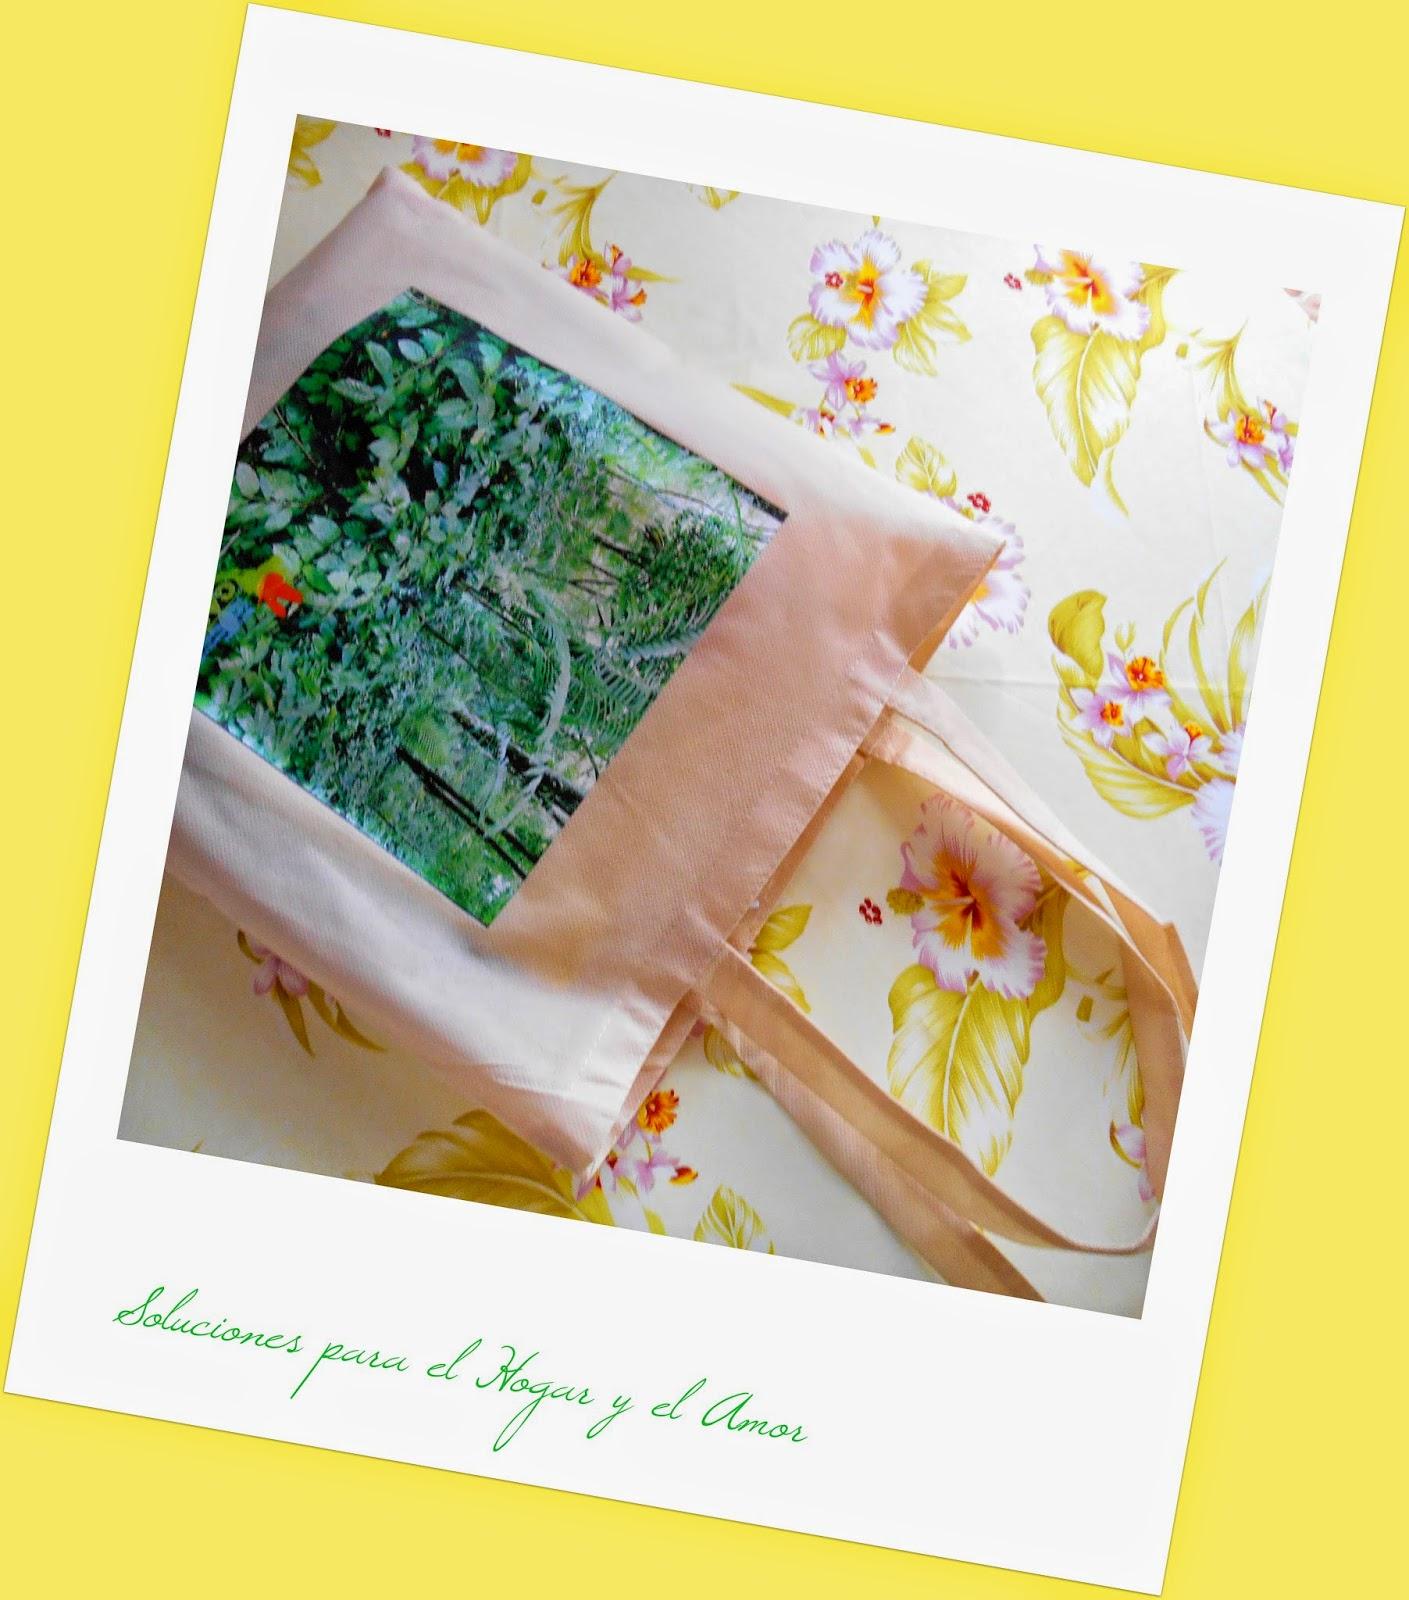 bolso de arpillera, bolso de yute, bolso de tela de saco